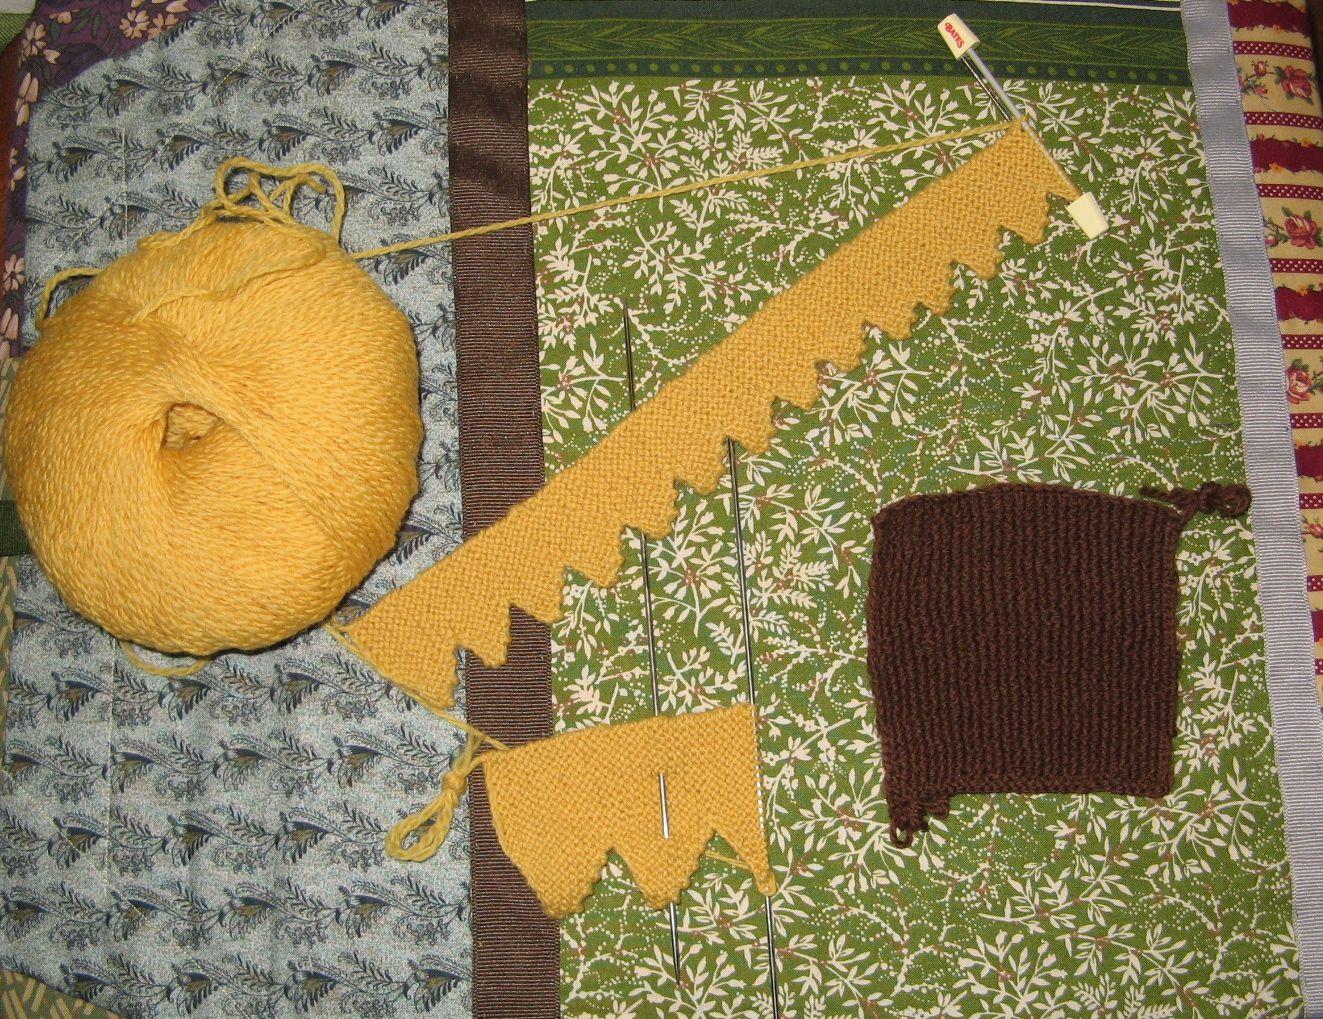 Sunflower Cushion Knitting Pattern : One More Stitch: Sunflower Pincushion